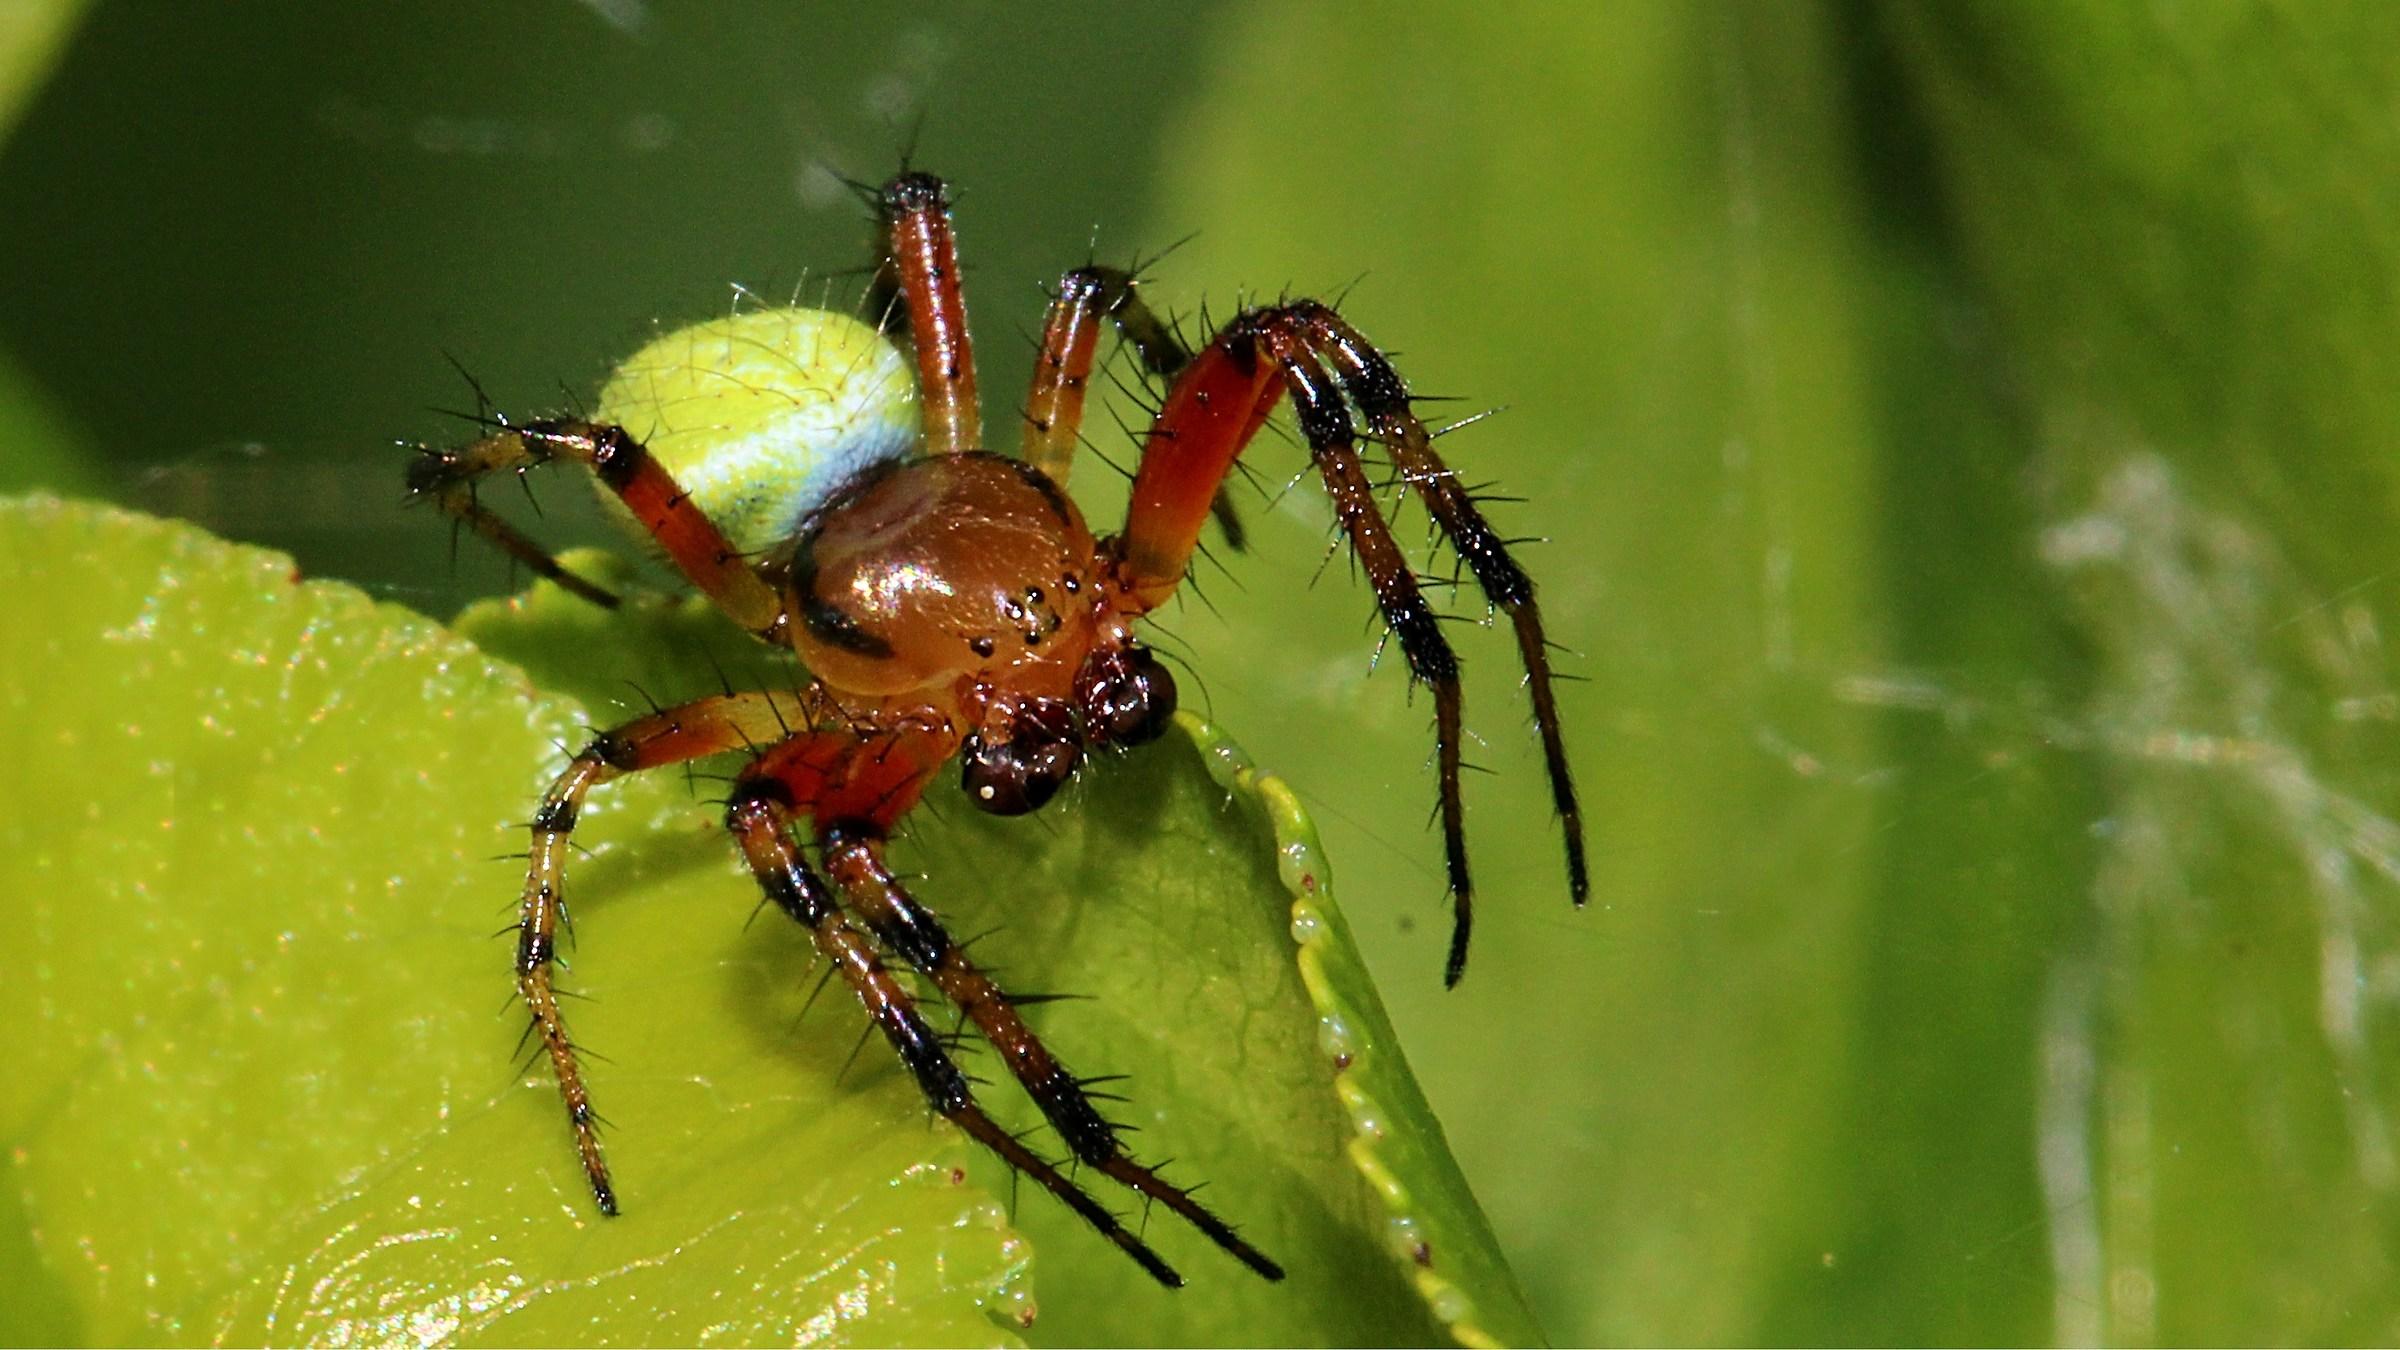 Little Spider...